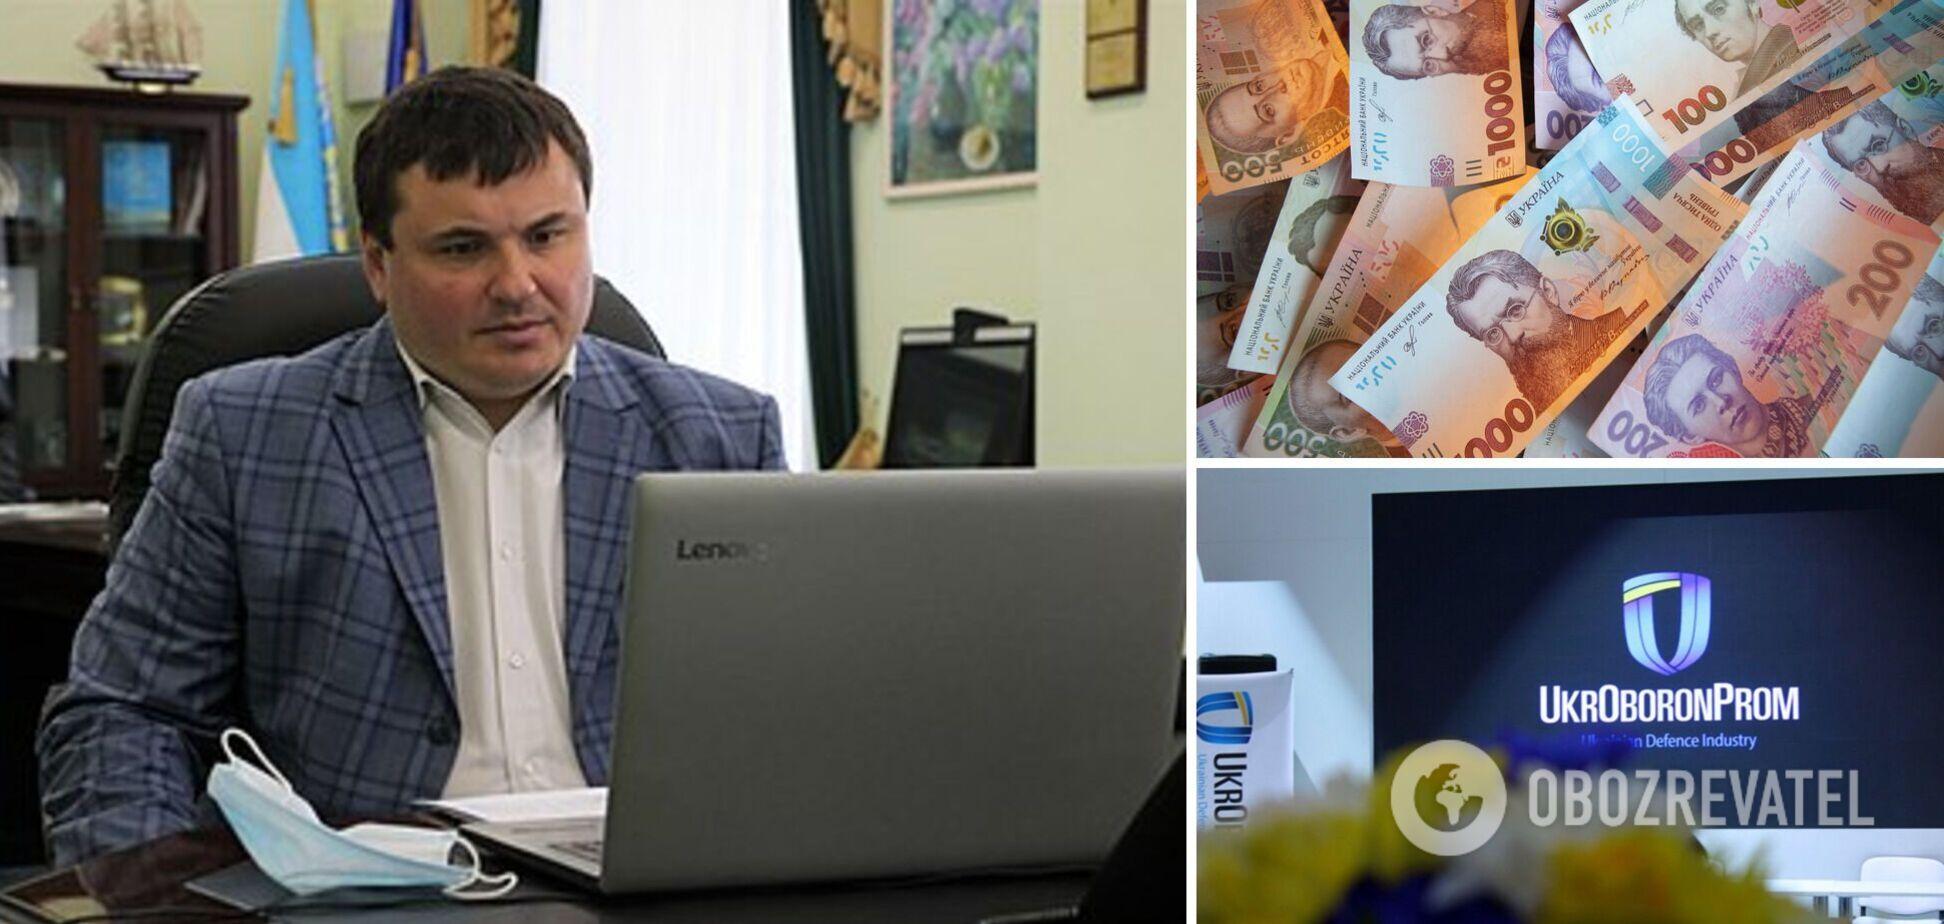 Глава 'Укроборонпрому' Гусєв підняв собі зарплату до 474 тис. грн